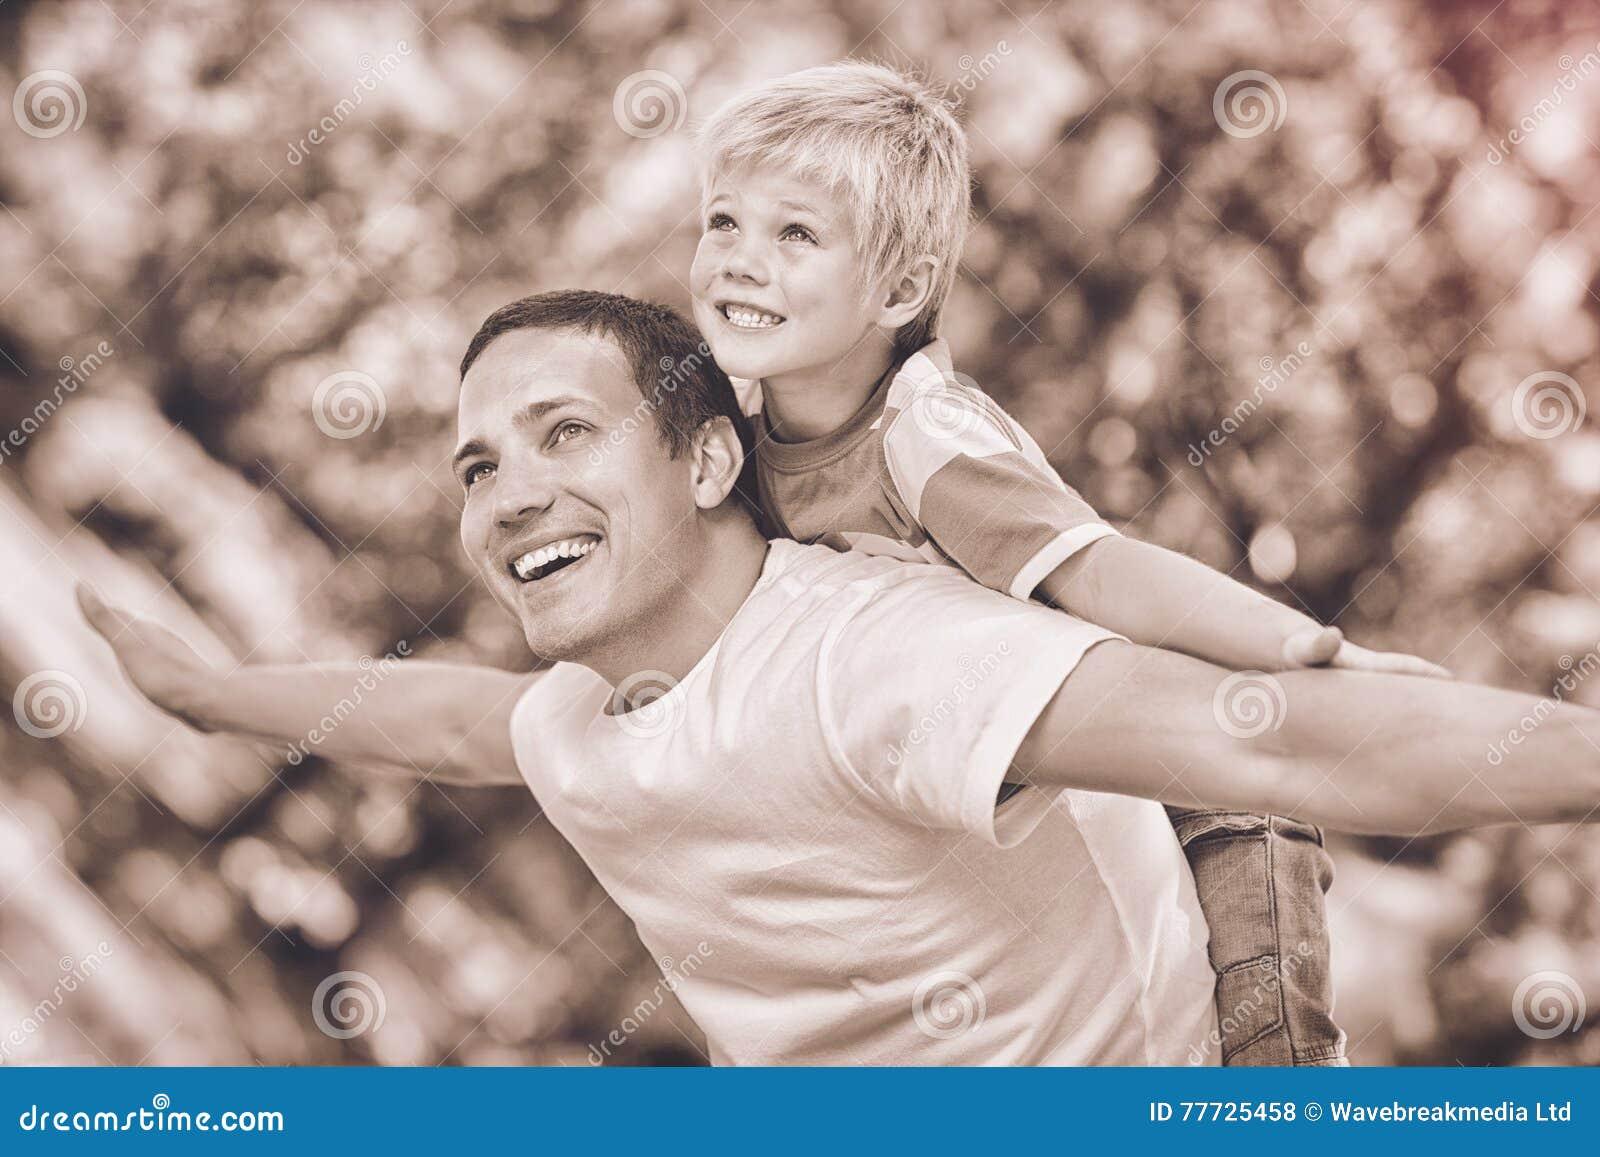 Παιχνίδι γιων με τον πατέρα του στο πάρκο κατά τη διάρκεια του καλοκαιριού